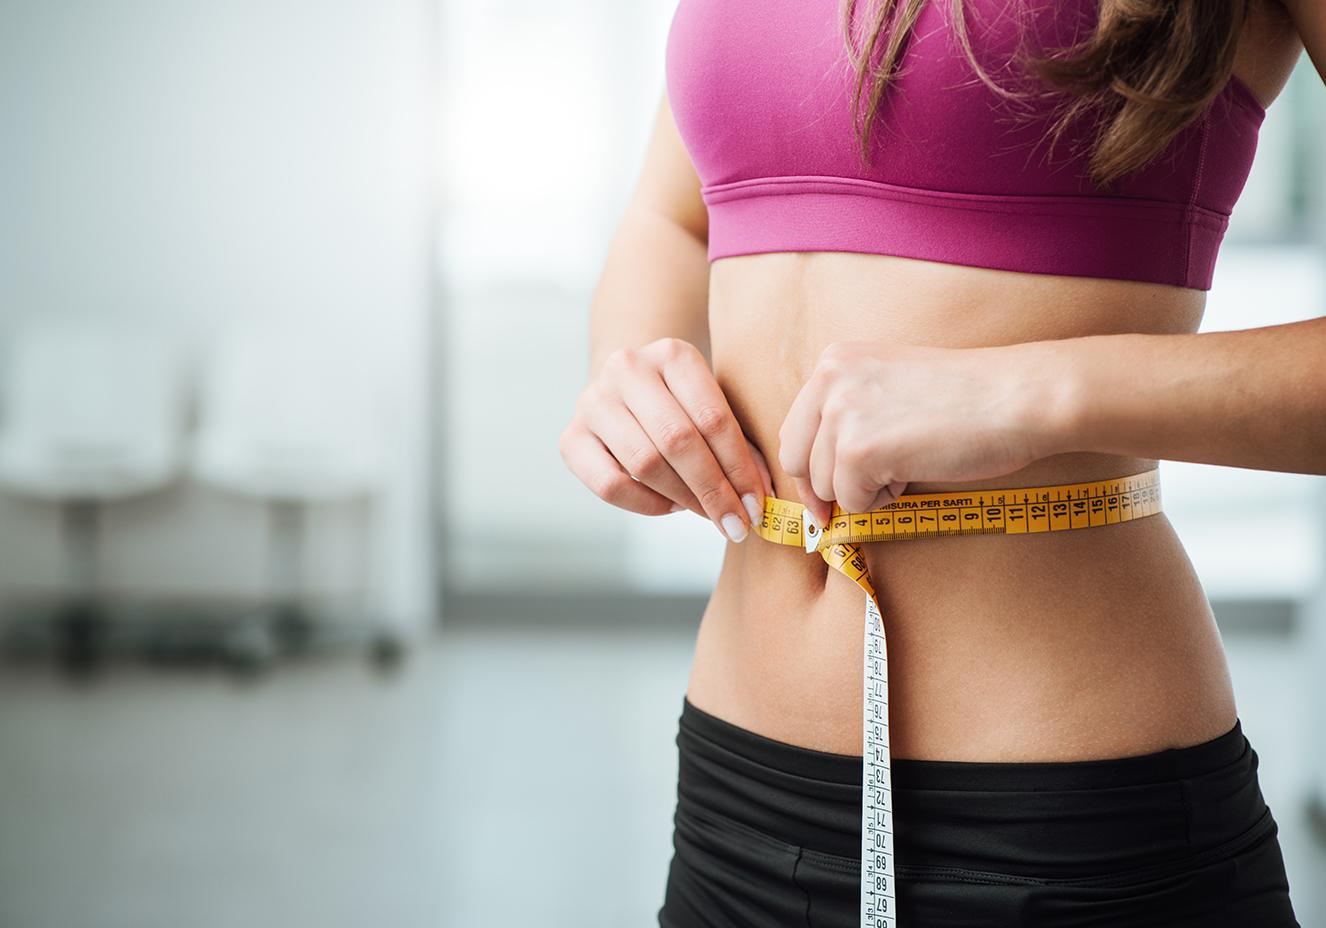 Veja O Motivo De Você Não Perder Peso